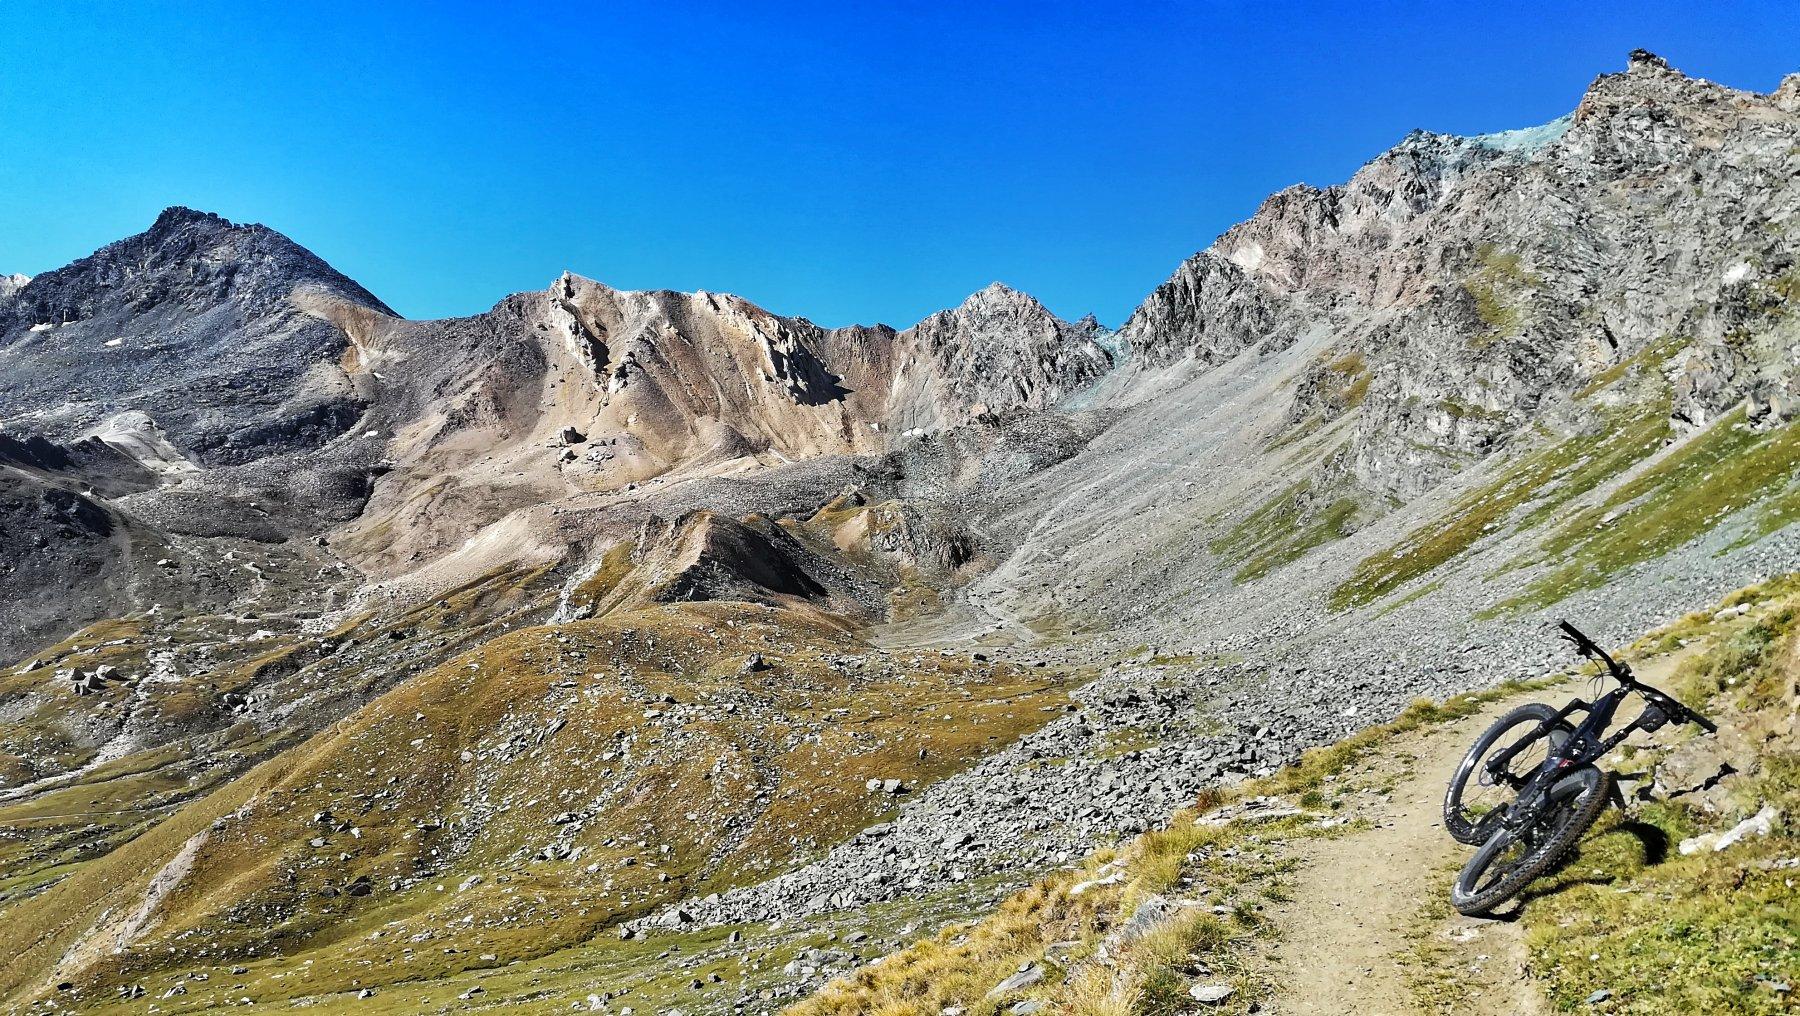 Sentiero ancora scorrevole prima del bivio Loson/Colle della Rossa